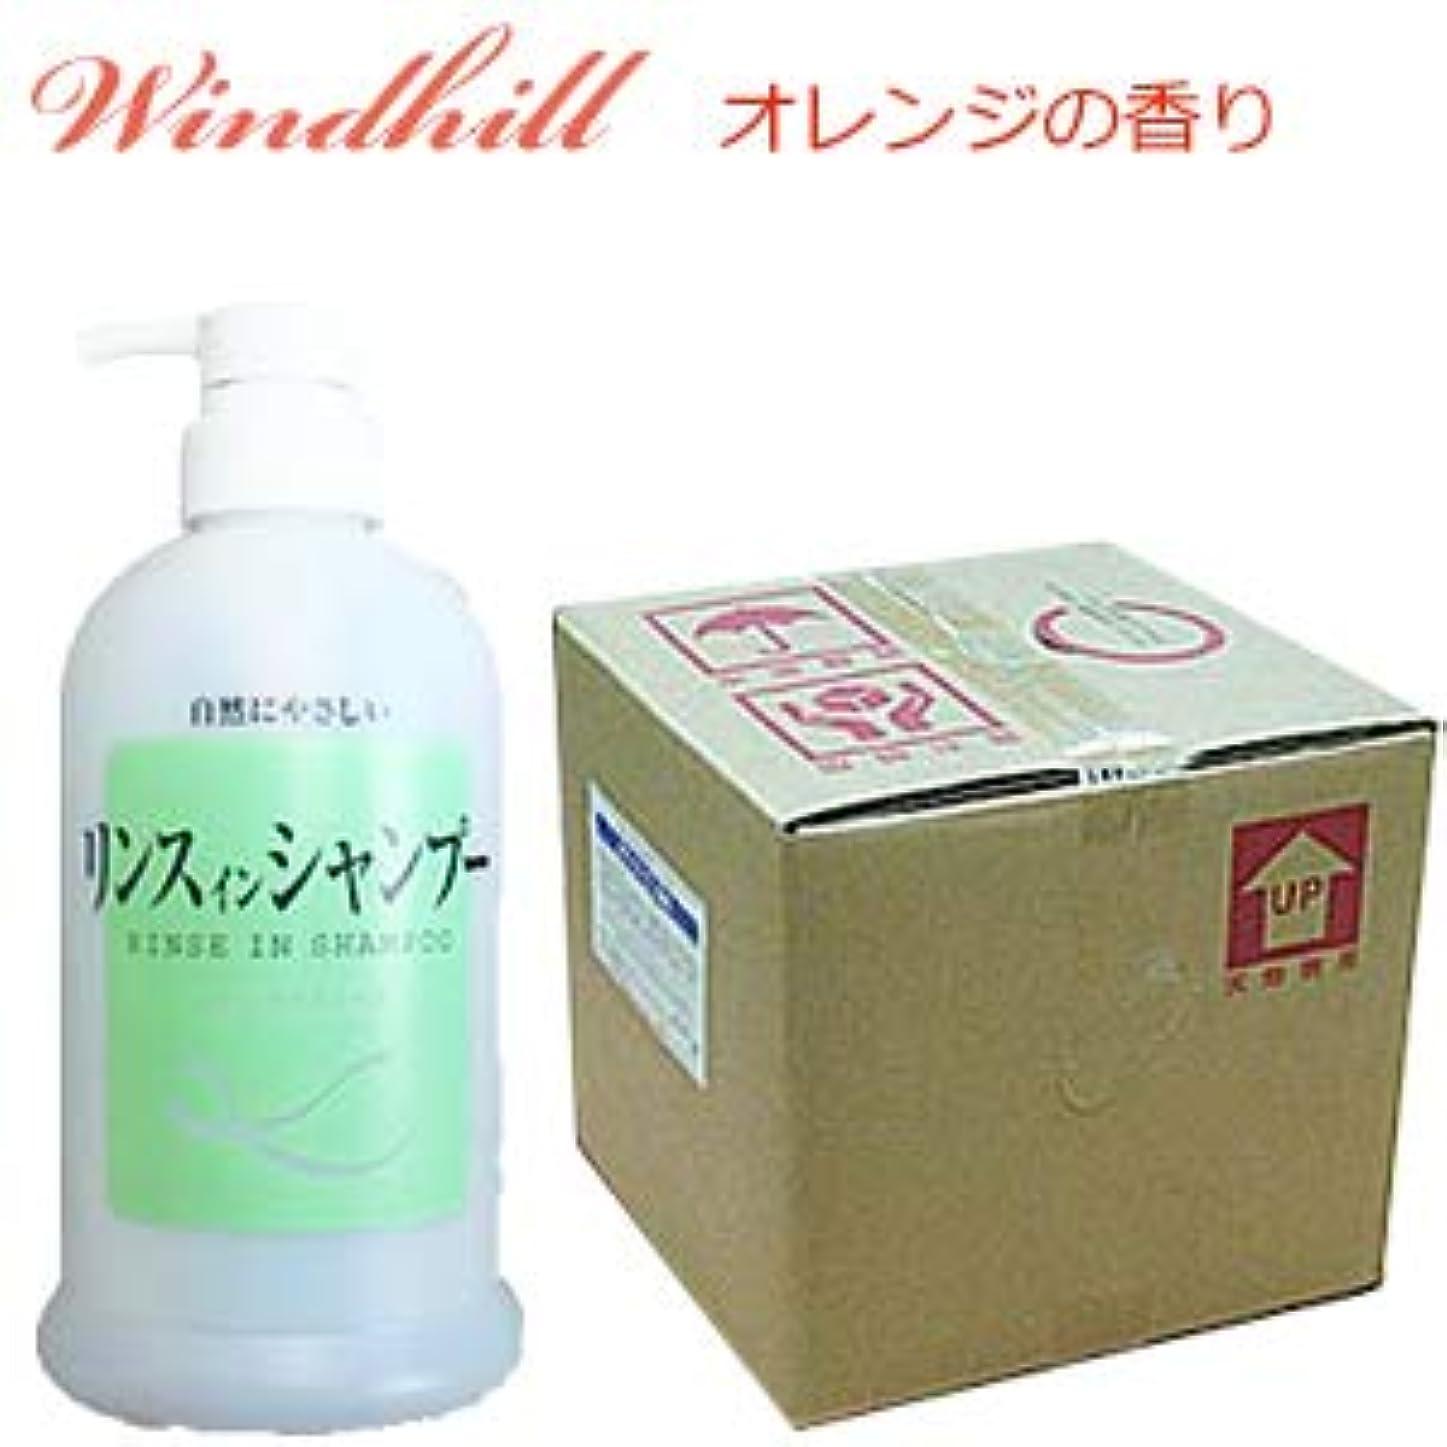 ゆでる減らすヒールWindhill 植物性業務用 リンスインシャンプーオレンジの香り 20L(1セット20L入)